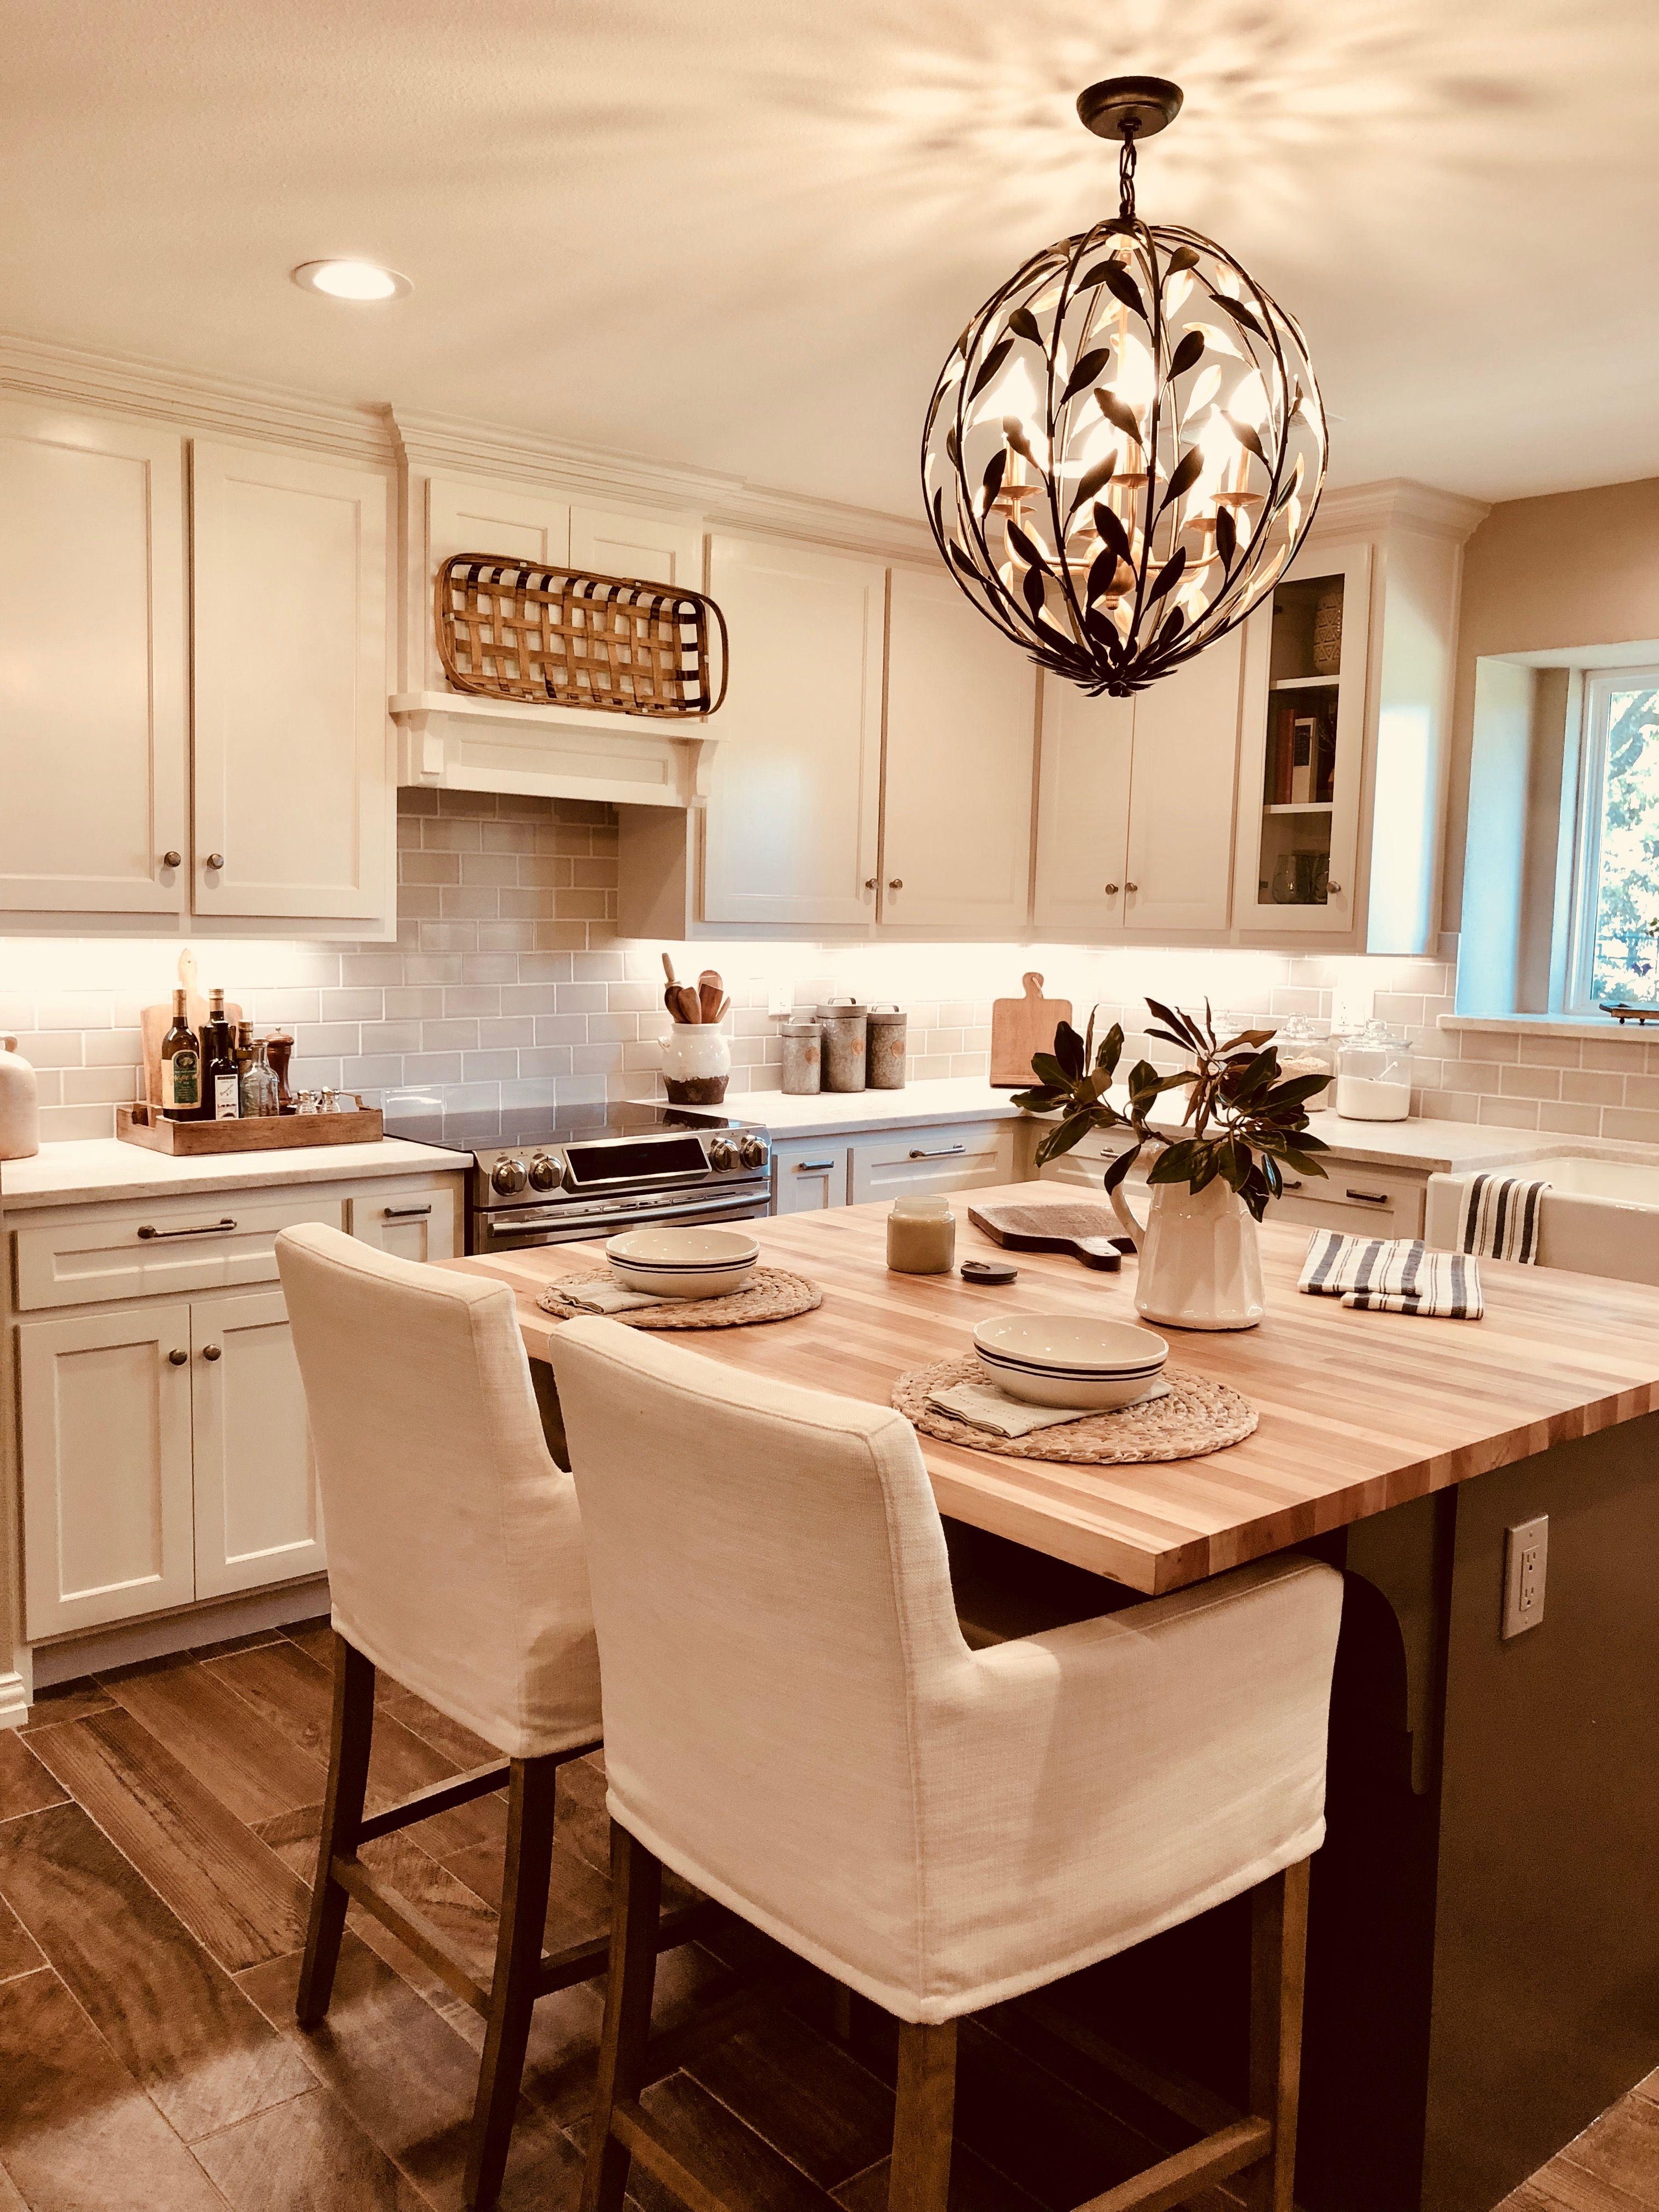 Kitchen Design By Angie Harrison/Halo Design Dallas, Texas #Taj Mahal  Quartzite #